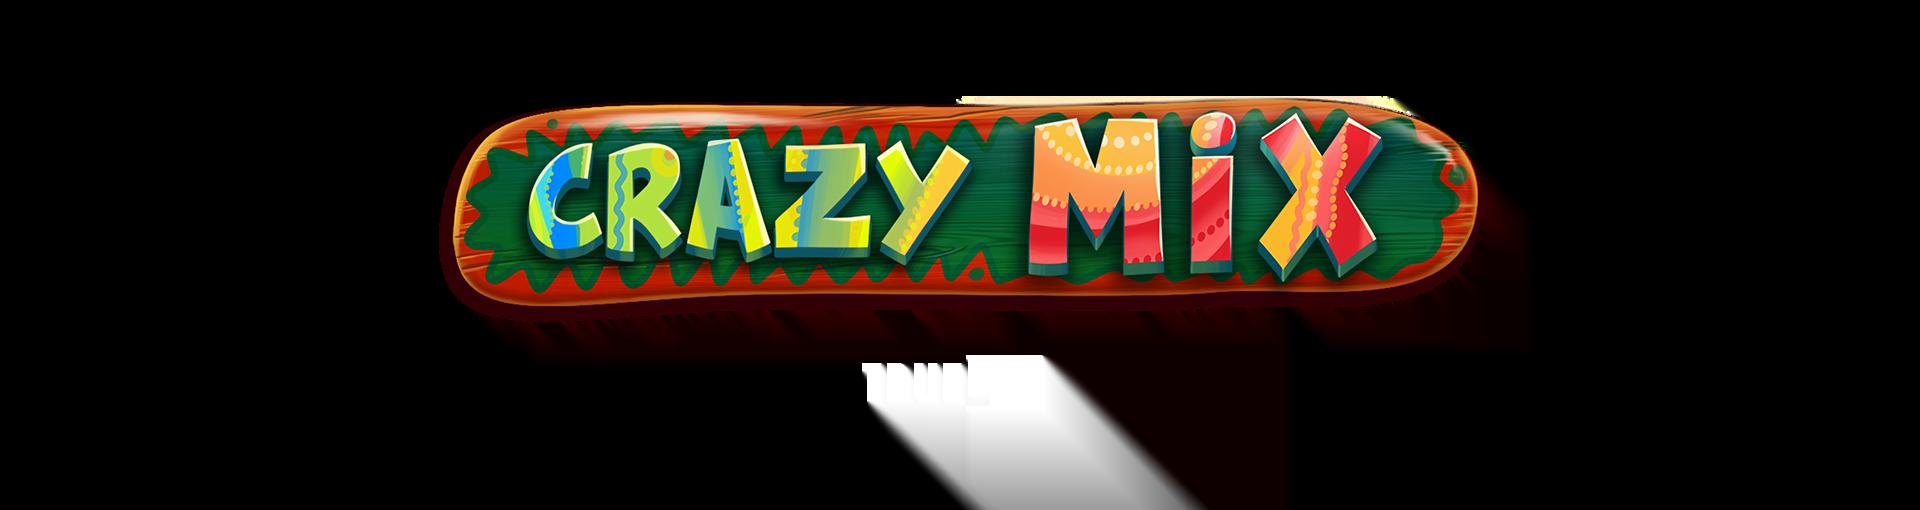 crazy-mix-Yggdrasil-UpcomingGame-Logo-Template-1920x510px